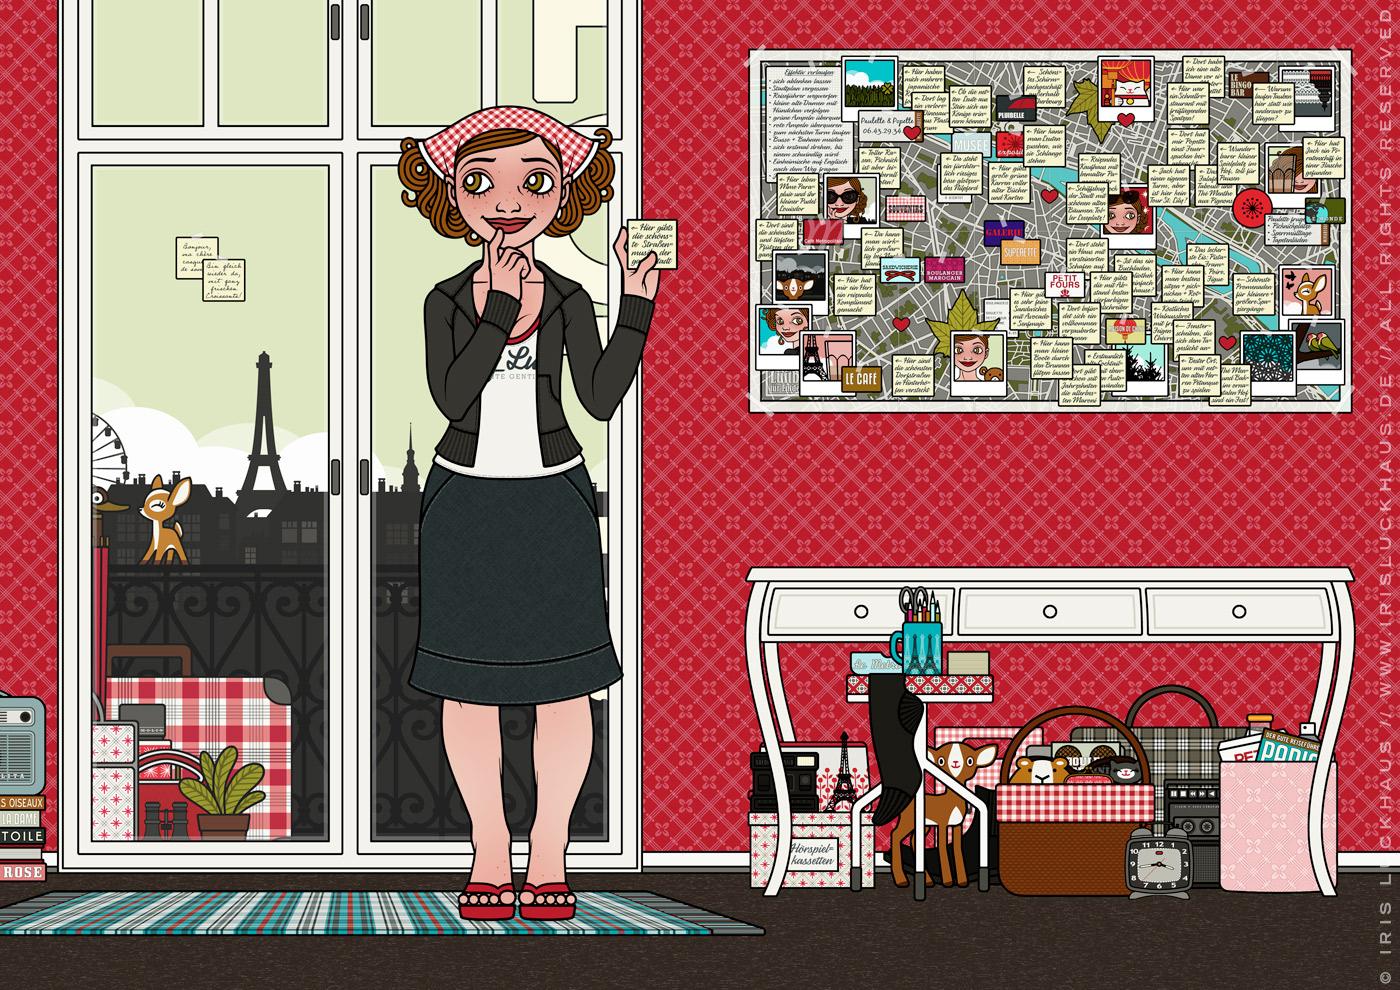 Zeichnung von einem Mädchen, das im Hotelzimmer in Paris den Reiseführer wegwirft und eigene Sehenswürdigkeiten, die sie beim Verlaufen gefunden hat, auf Zetteln auf einen Stadtplan klebt, für Lily Lux von Iris Luckhaus